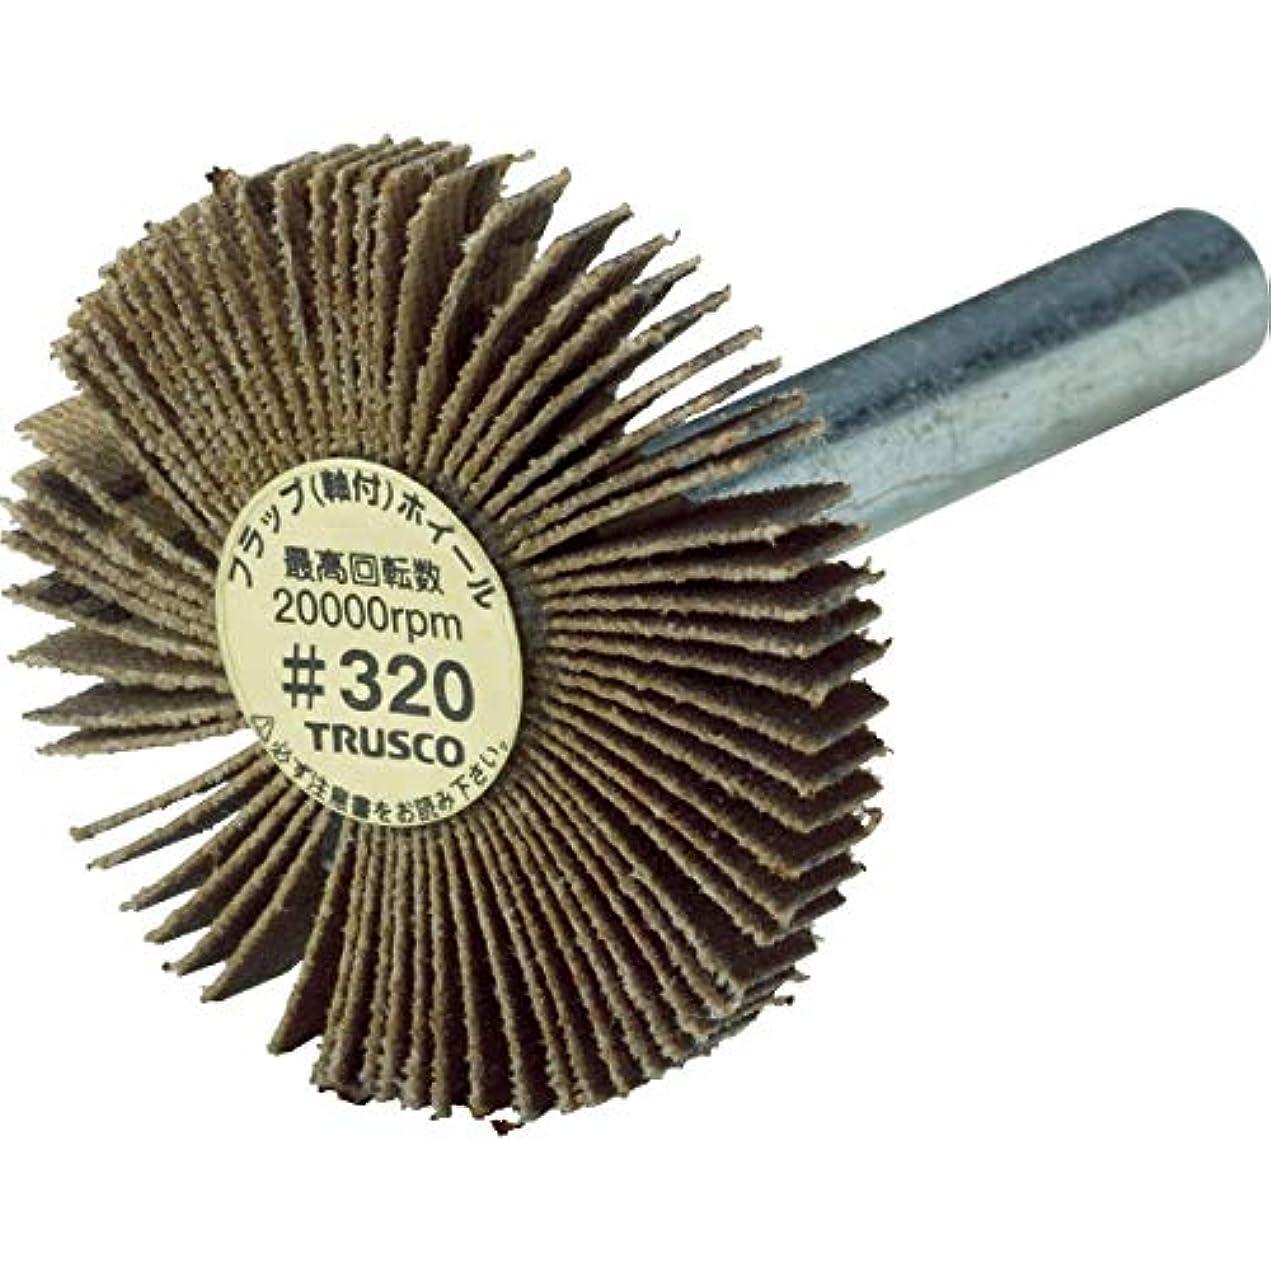 引っ張る許可する水差しTRUSCO(トラスコ) 薄型フラップホイール 30X5X6#320 5個入 UF3005320